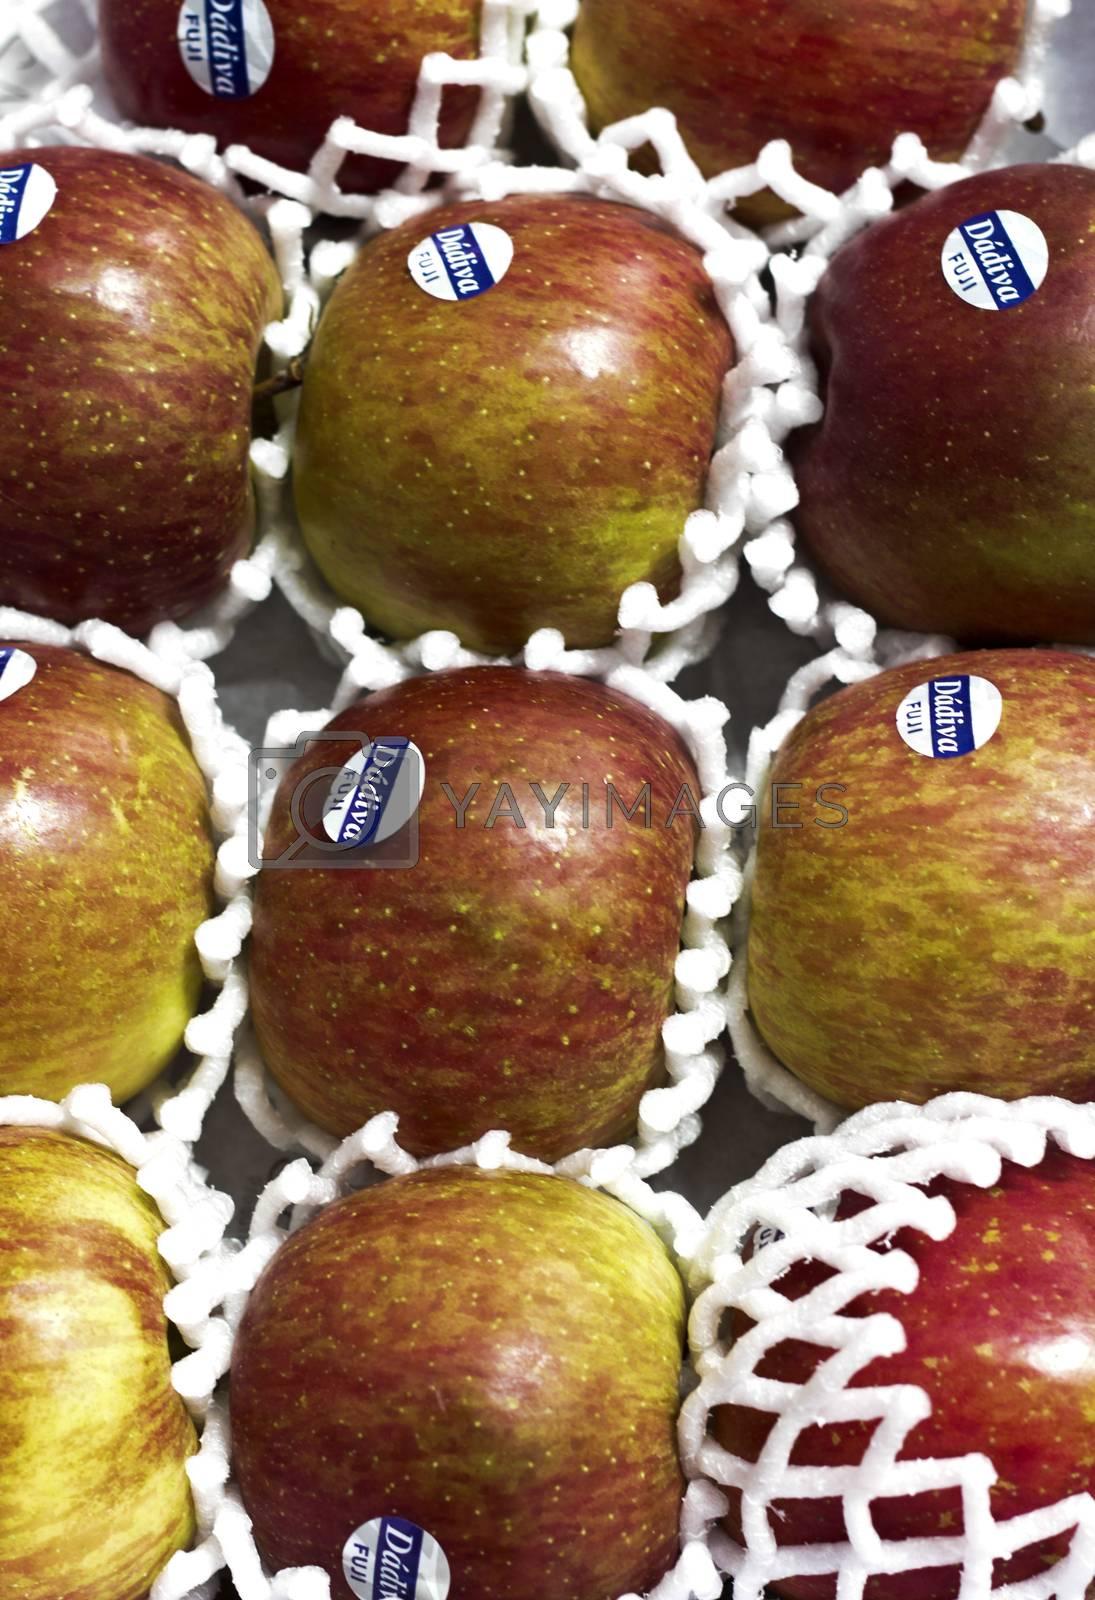 Apple at the Sao Paulo Market